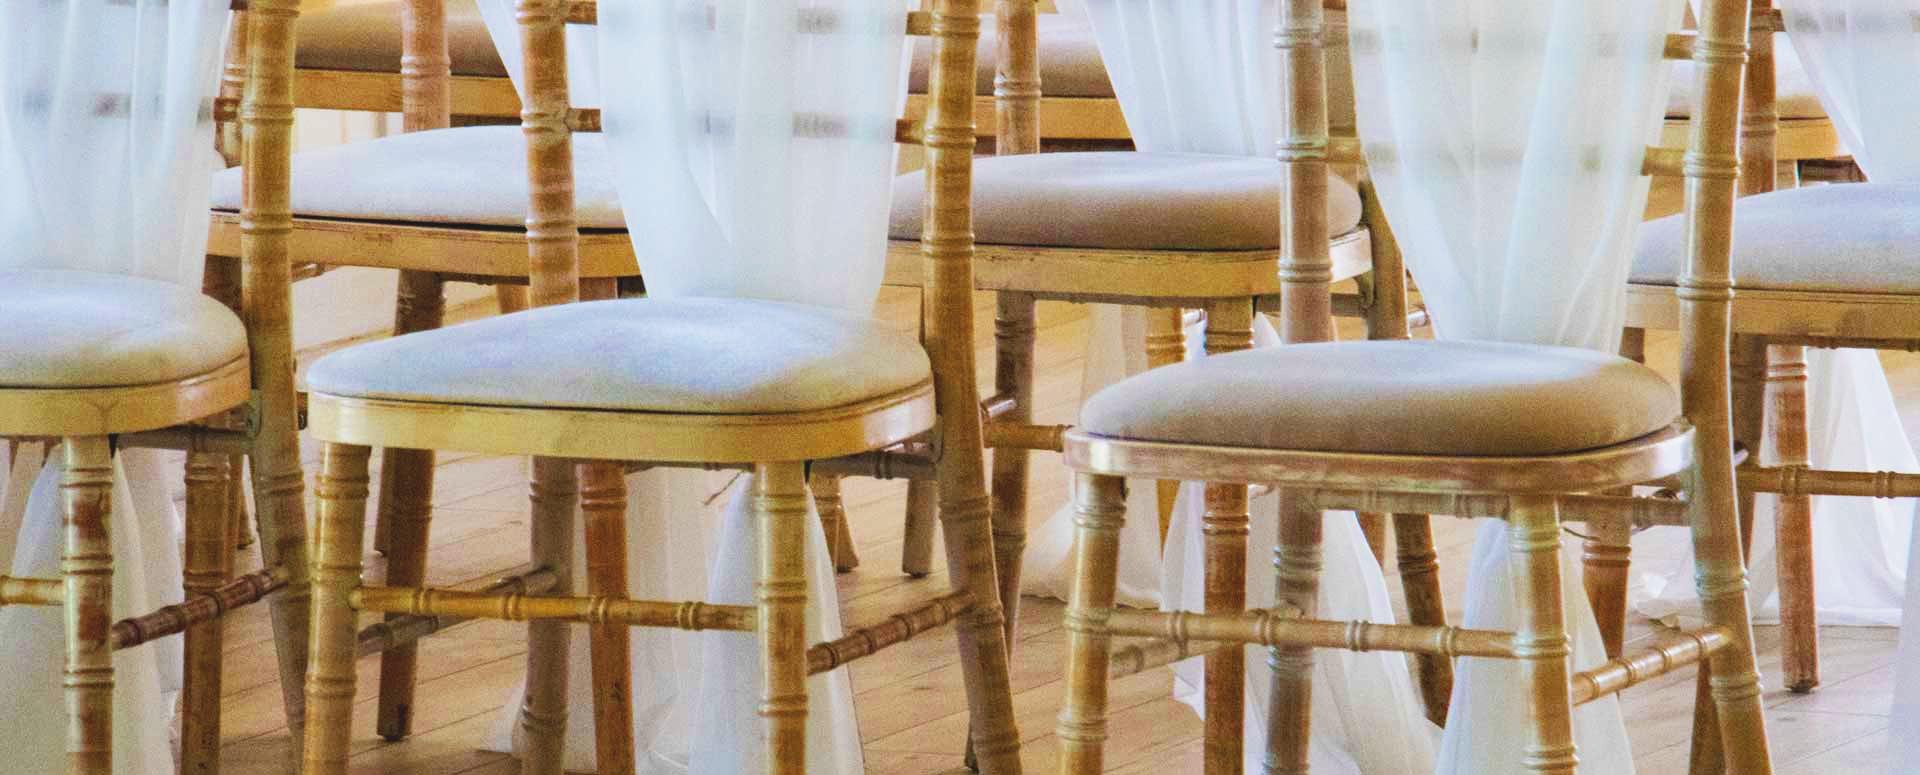 rental decor - TABLE SETTINGS · FLOWERS · CENTERPIECES · UNIQUE PIECES